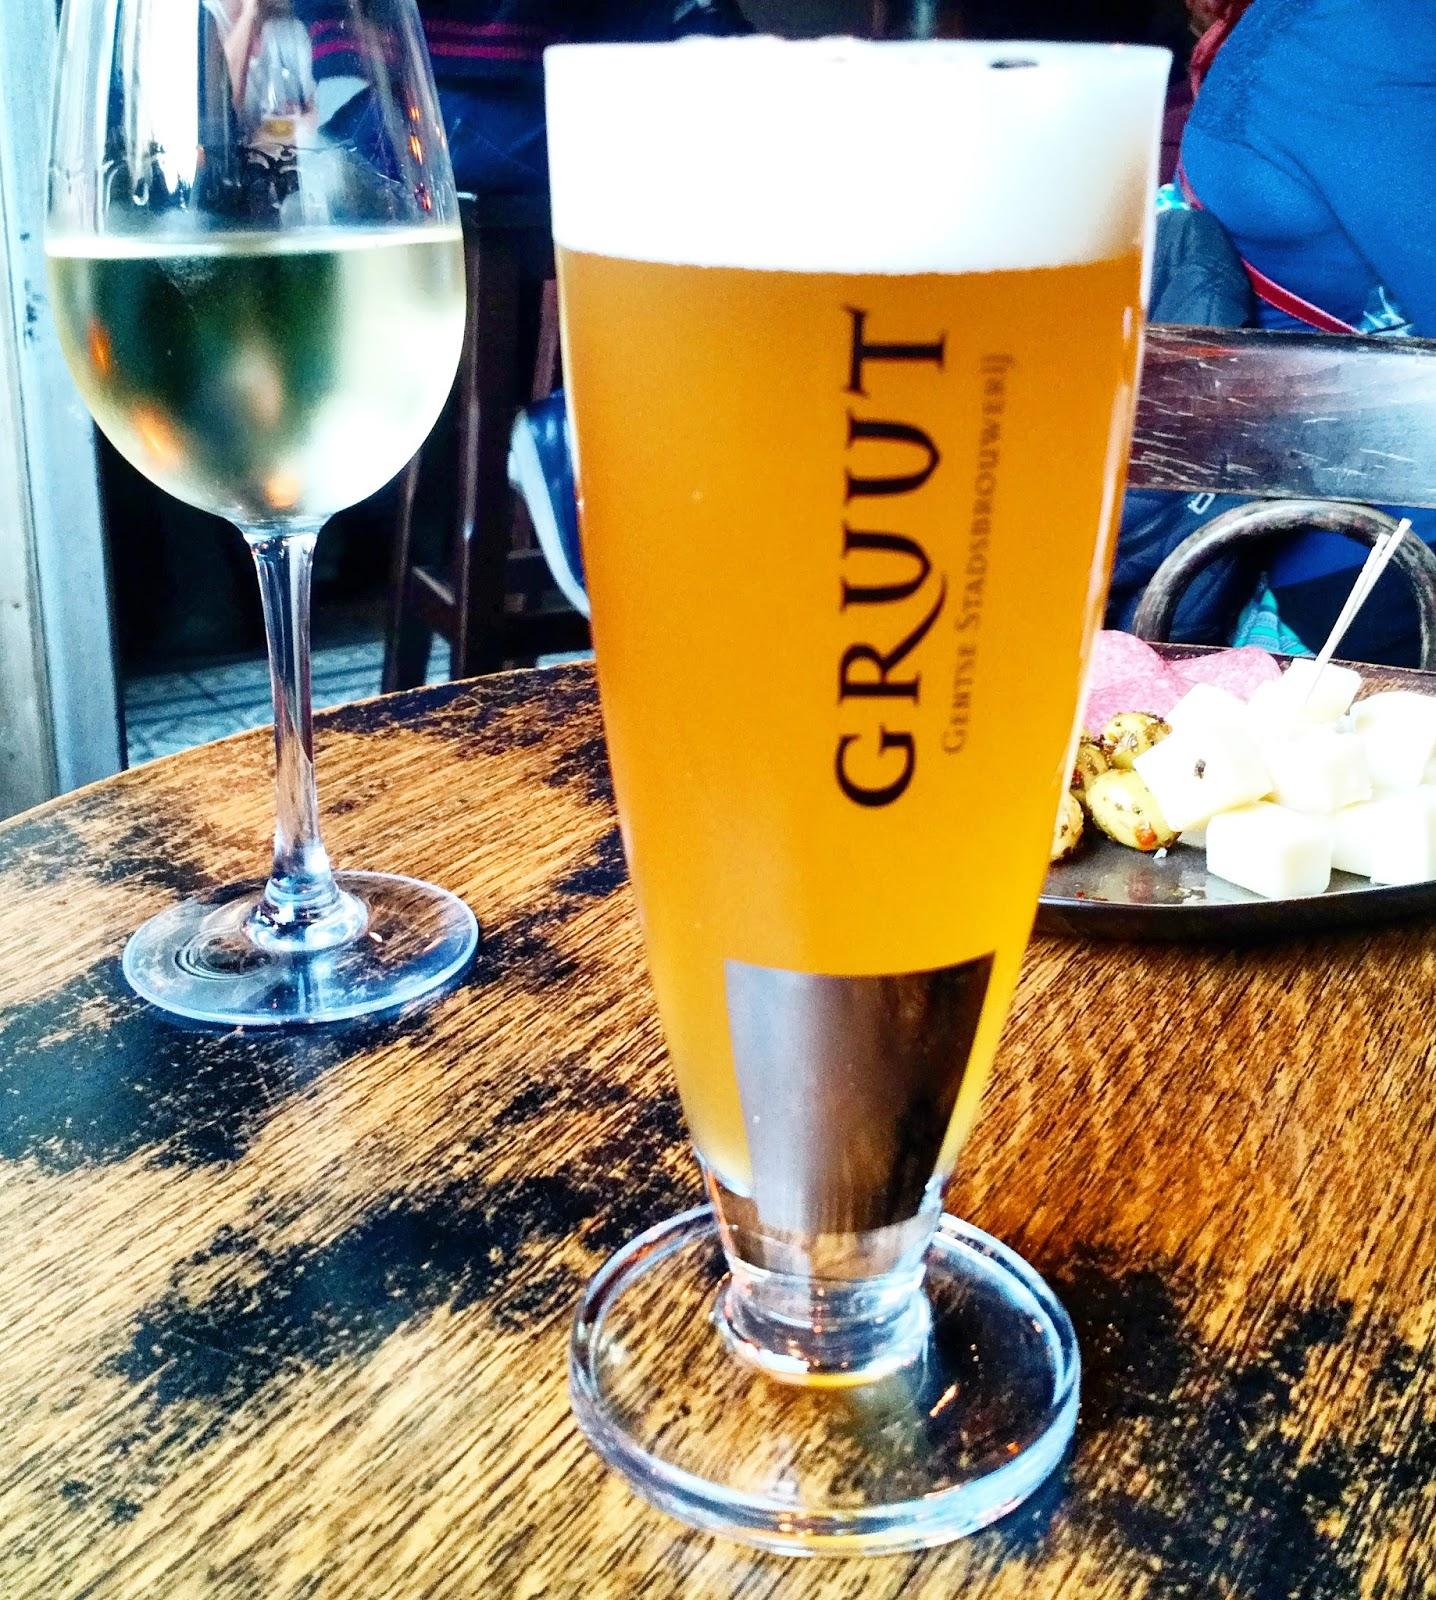 Le Chameau Bleu - Escapade à Gand en Belgique - Biere locale de Gand Gruut